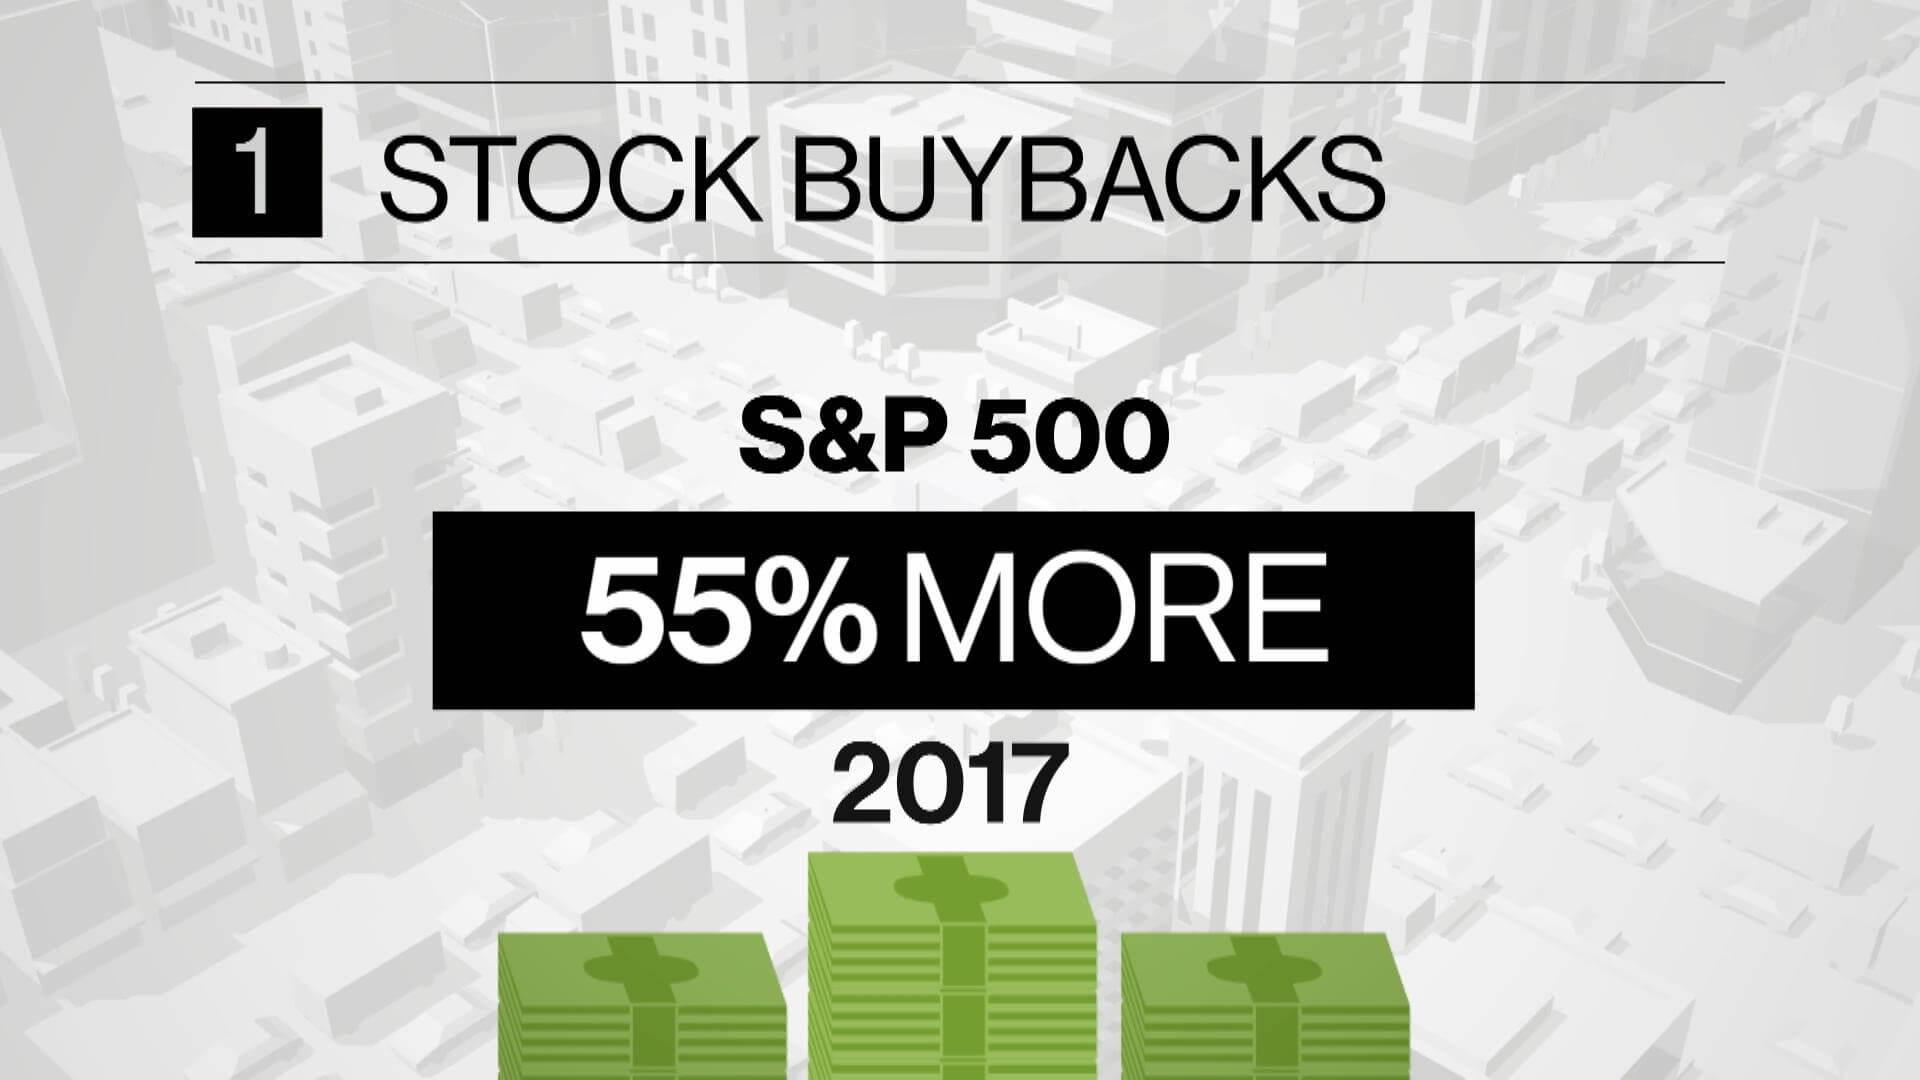 Chi vince quando le aziende si ricomprano le proprie azioni? | Bloomberg